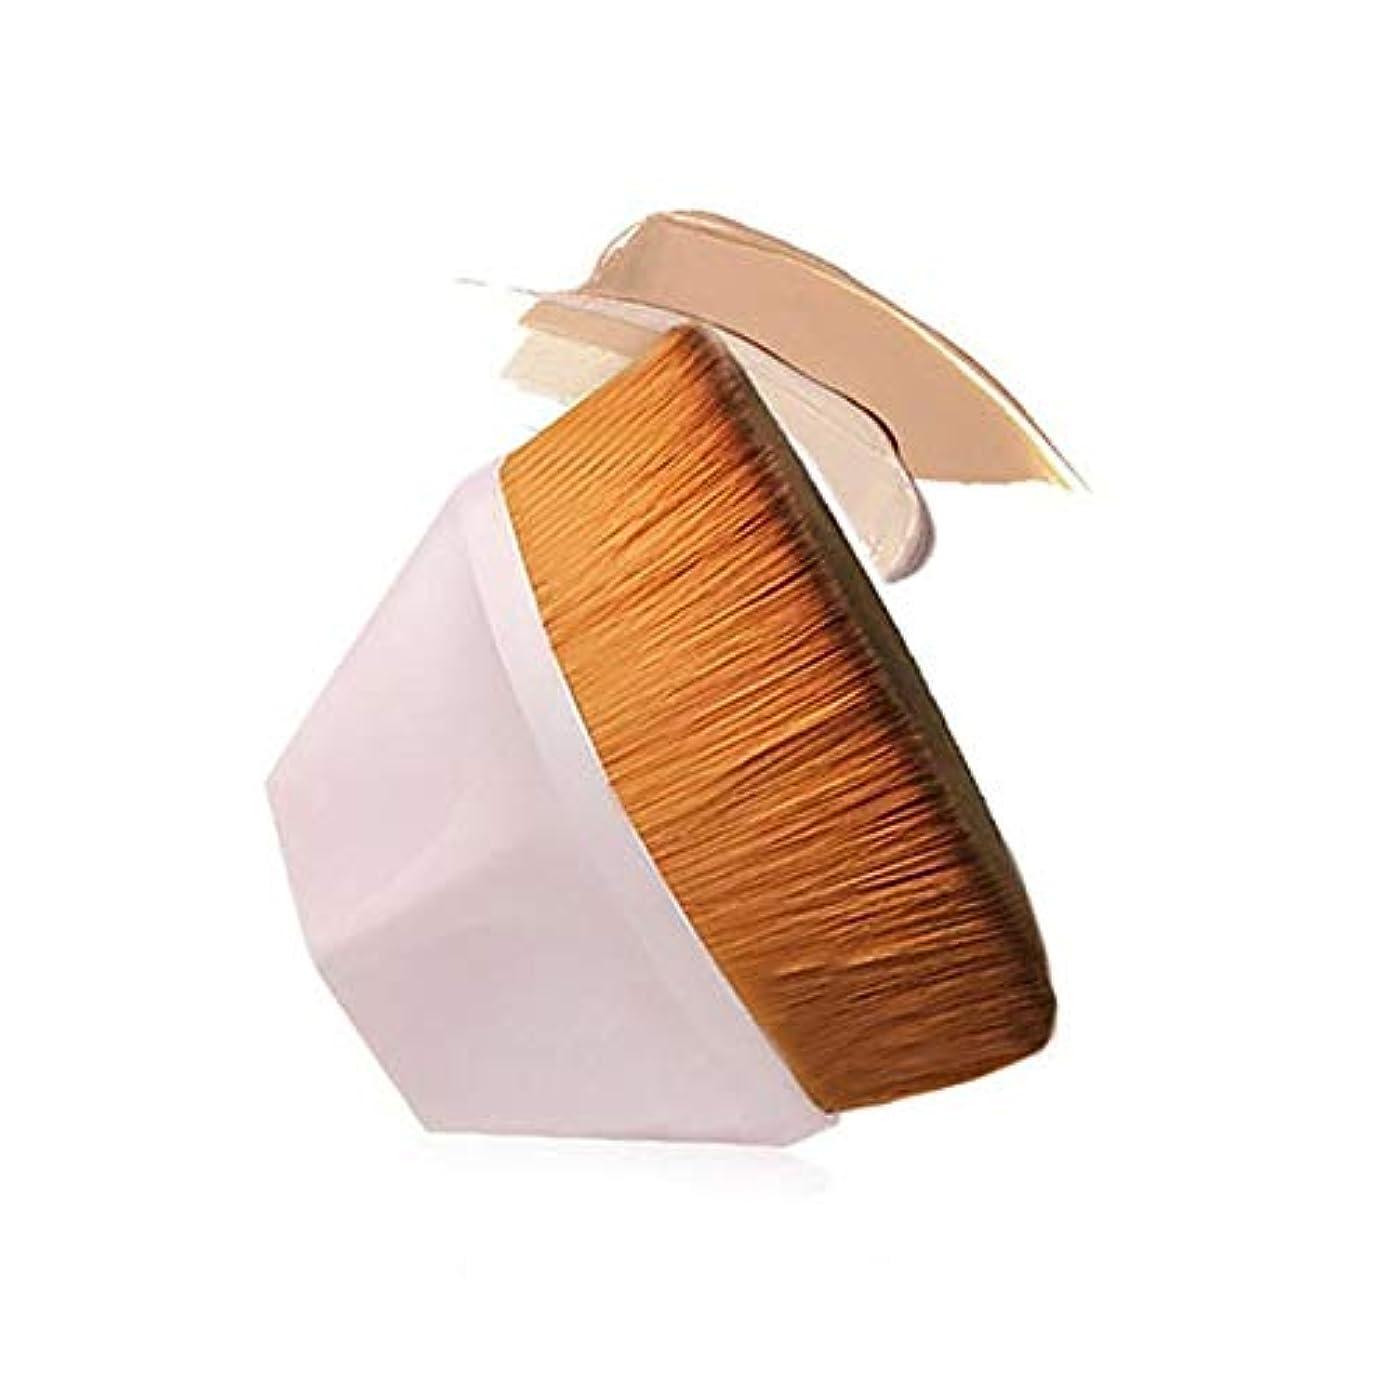 端末騒乱経済CHANGYUXINTAI-HUAZHUANGSHUA 六角BeFoundation六角美化粧ブラシ、初心者や専門家のためのコンシーラー。 (Color : Beige)